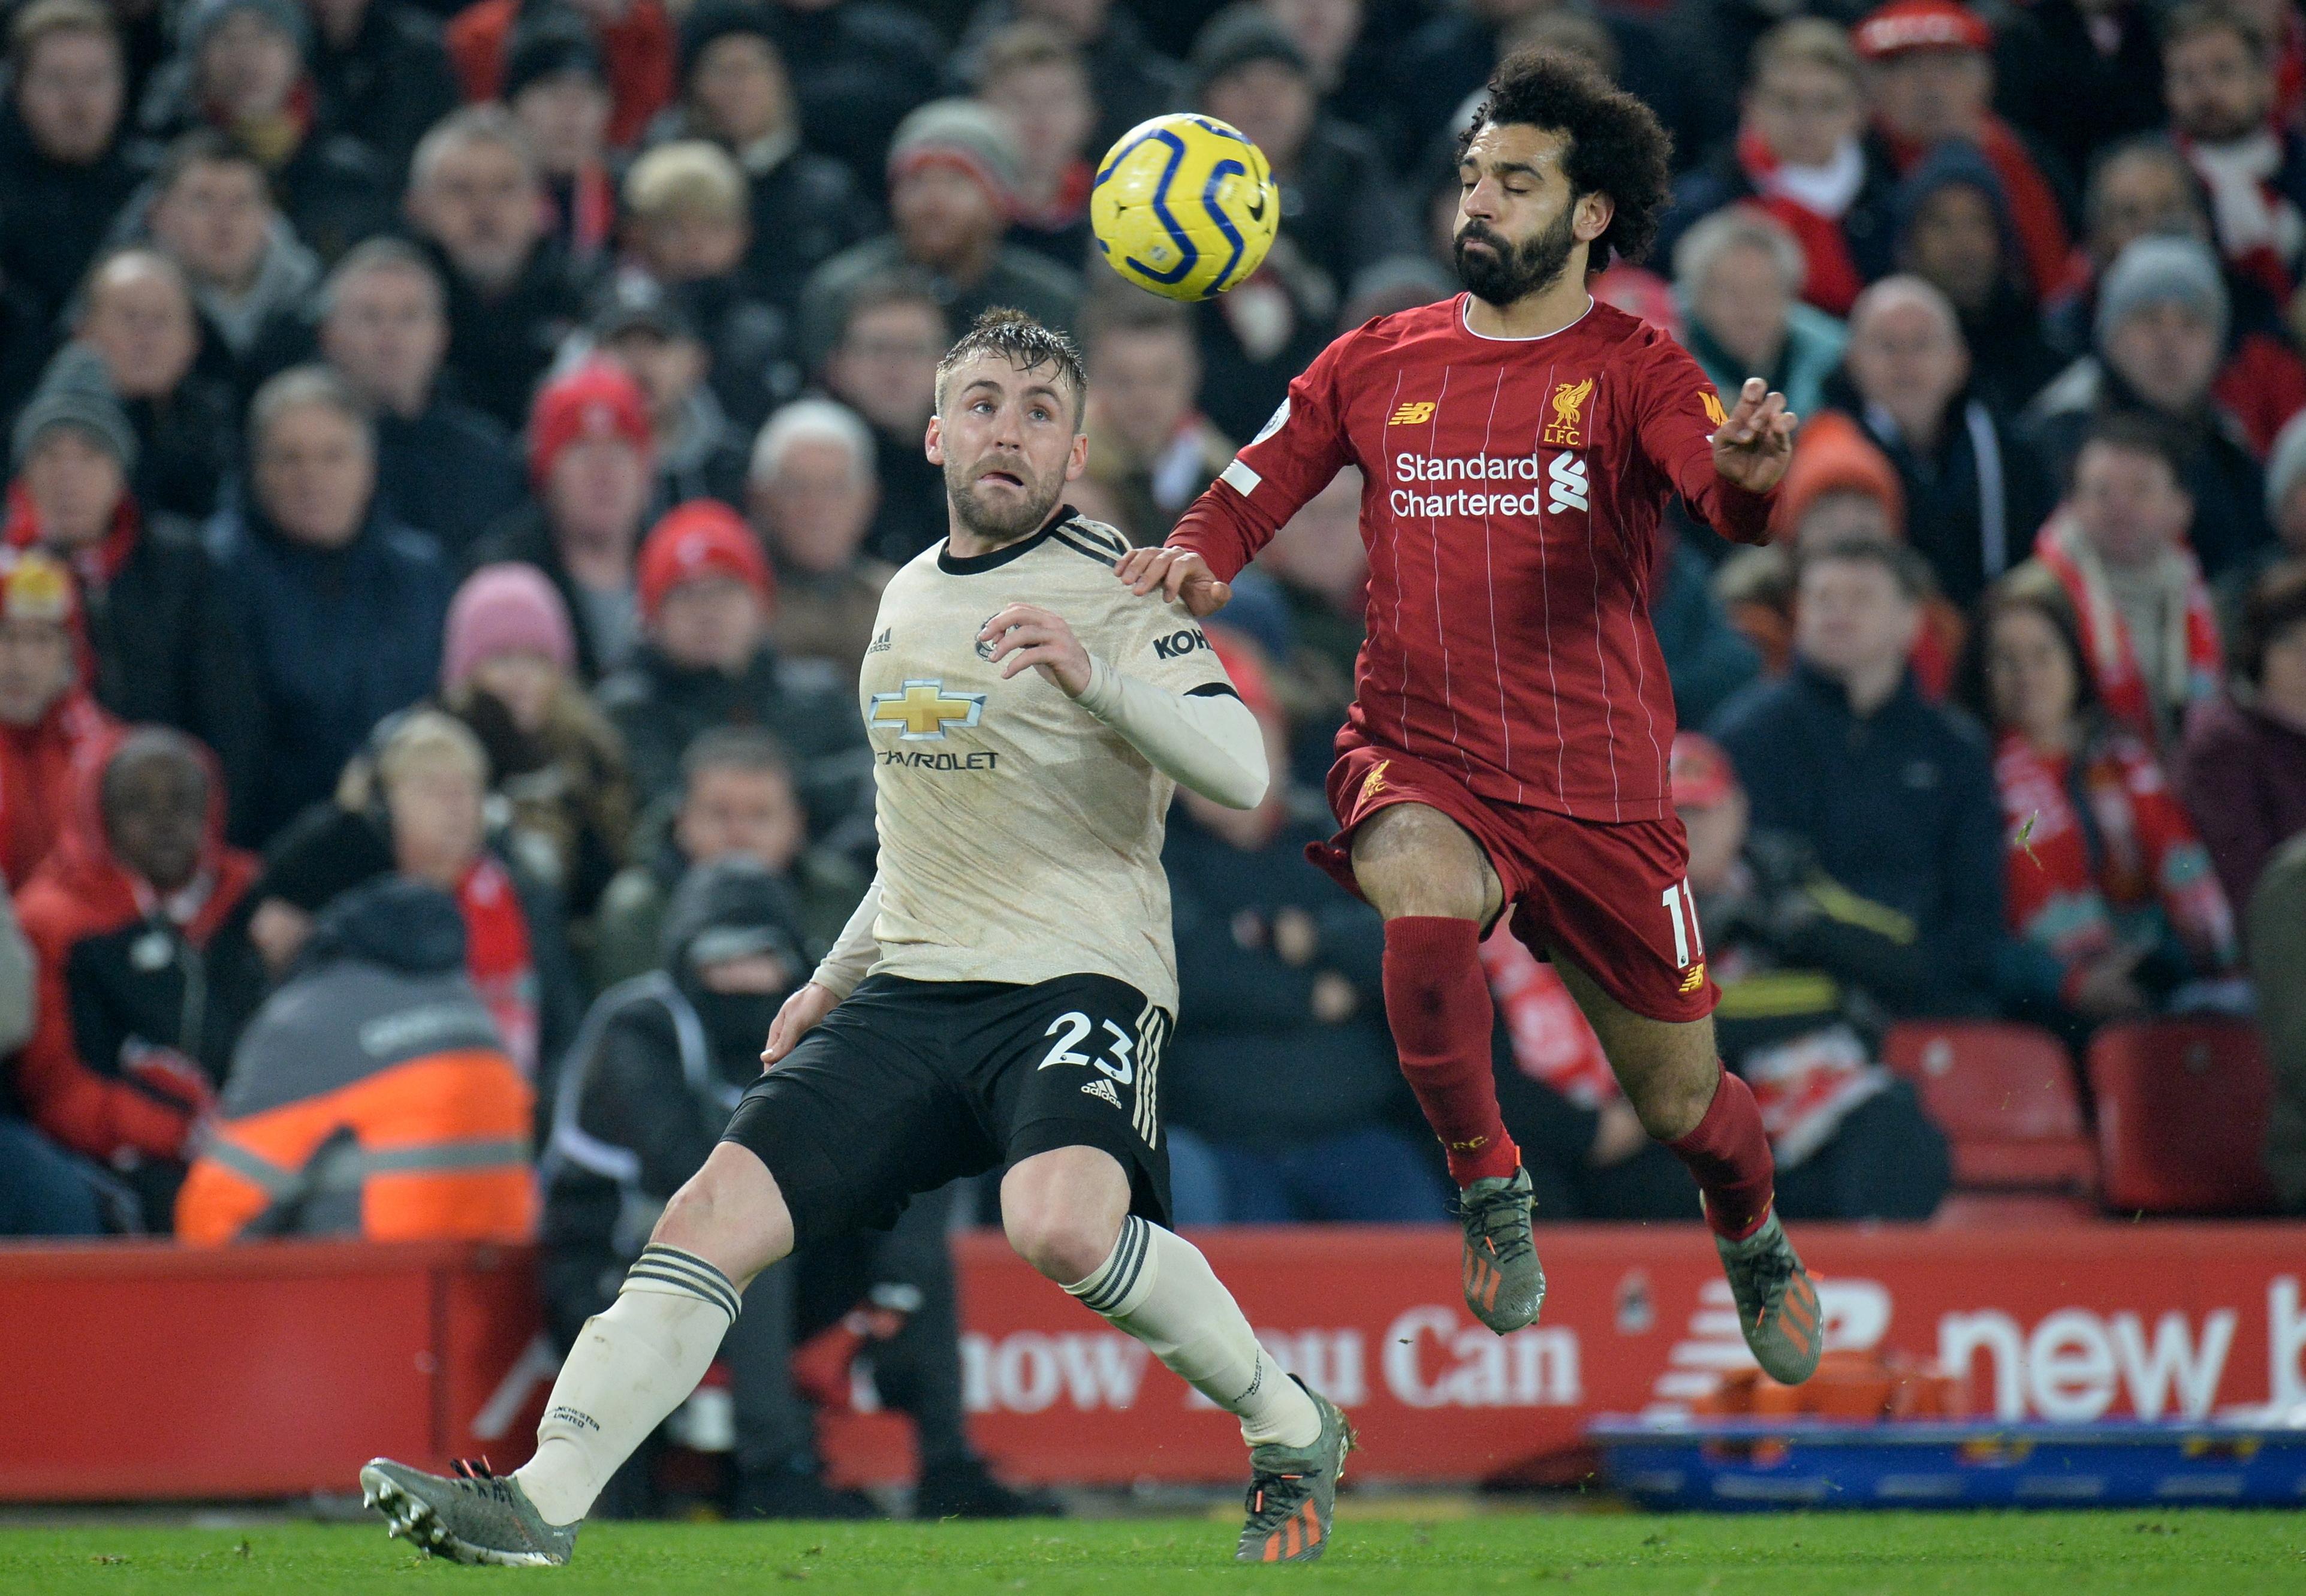 Liverpool vence United e começa a 'encomendar as faixas' em Inglaterra